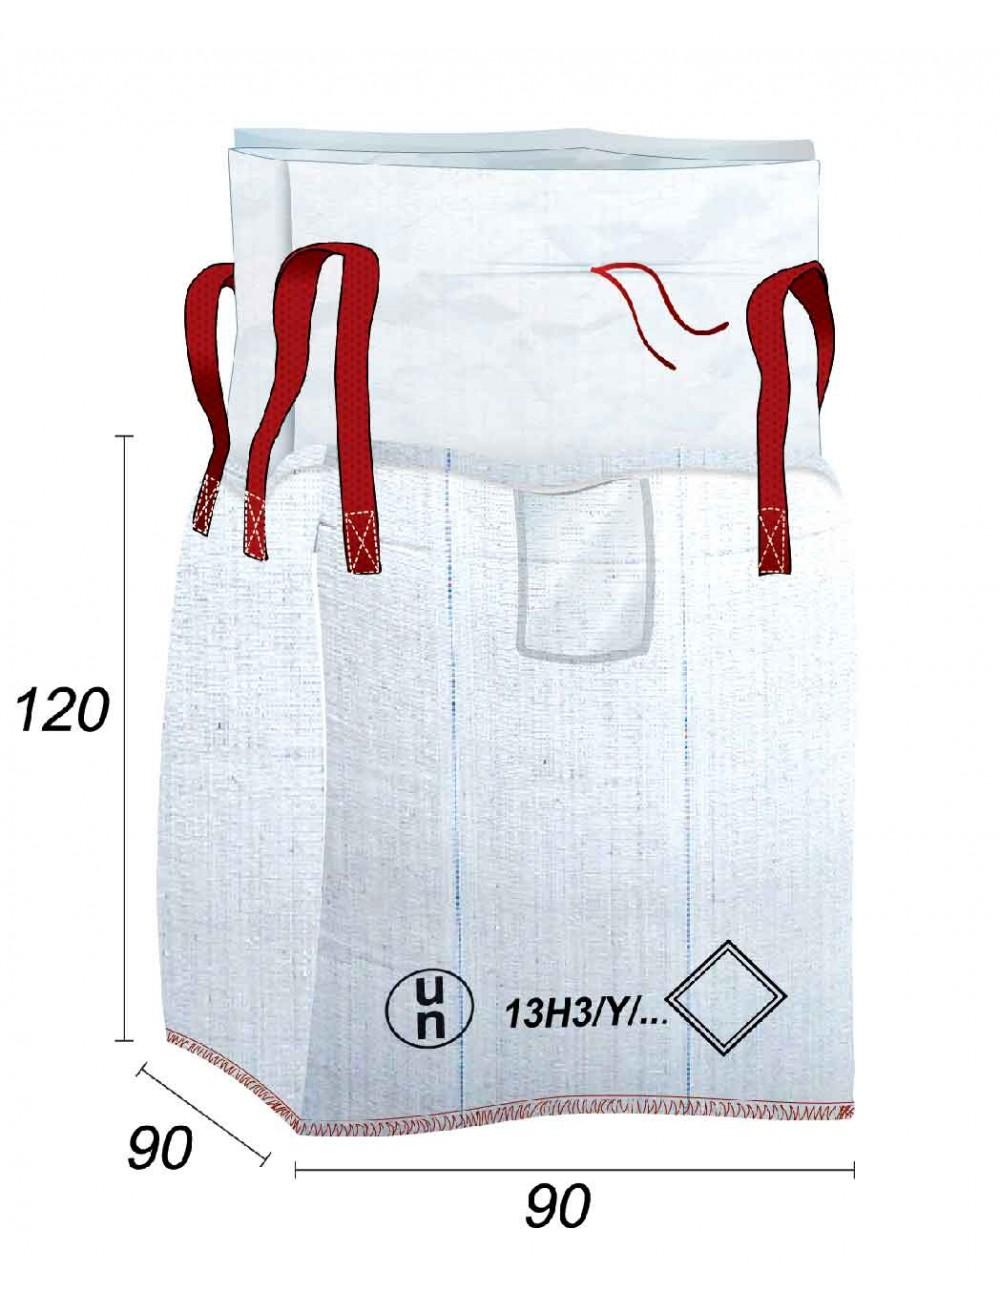 Big Bag 13H3Y - Déchets & Produits Classés ADR